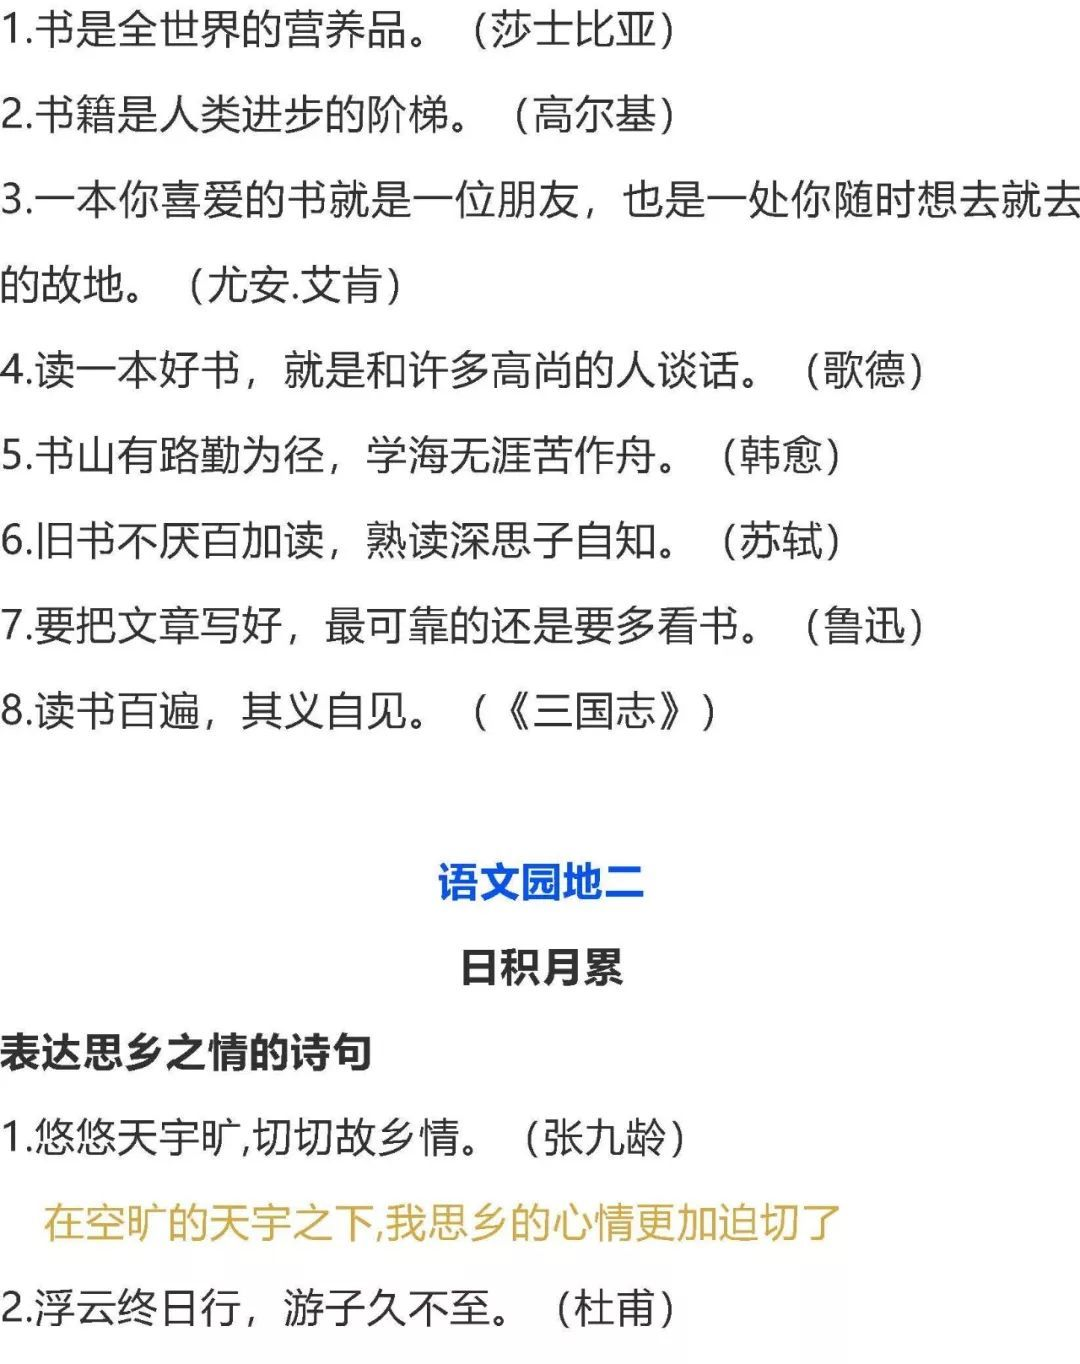 人教版 六下语文 词语盘点和日积月累_美篇